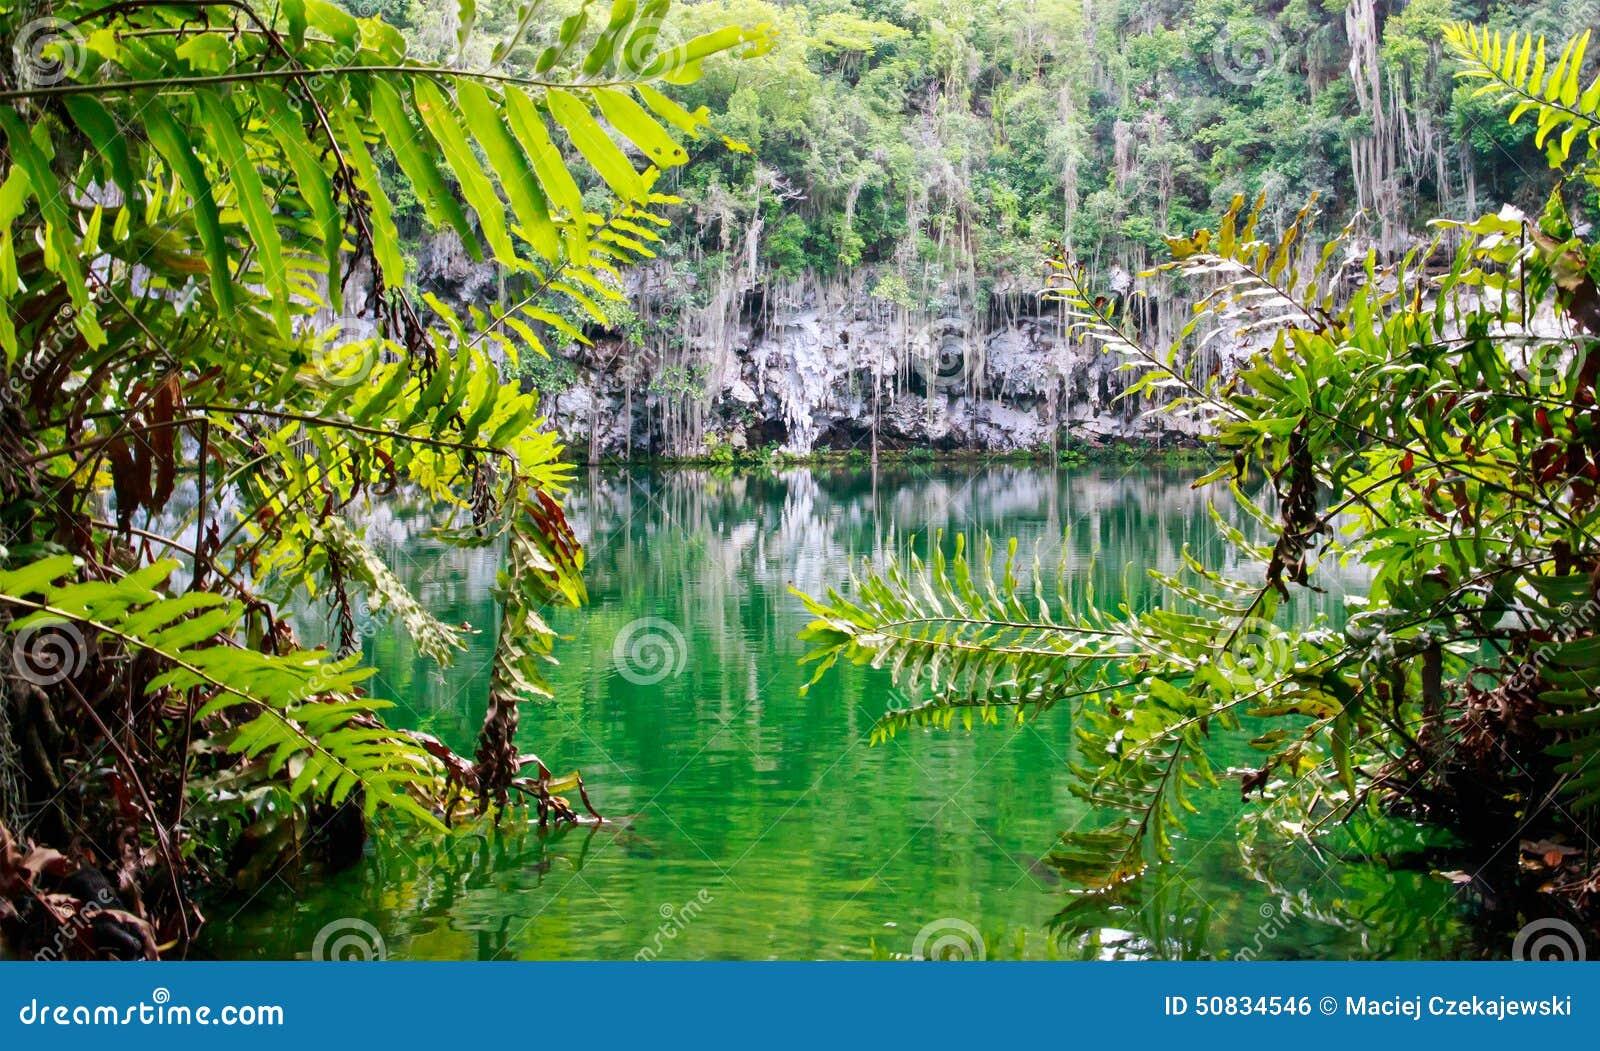 Cenote of Santo Domingo